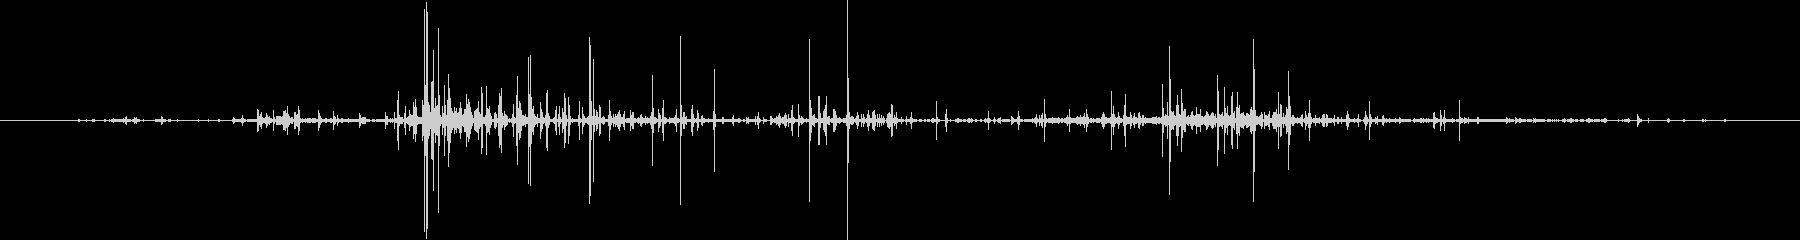 関節技で締める音Aの未再生の波形